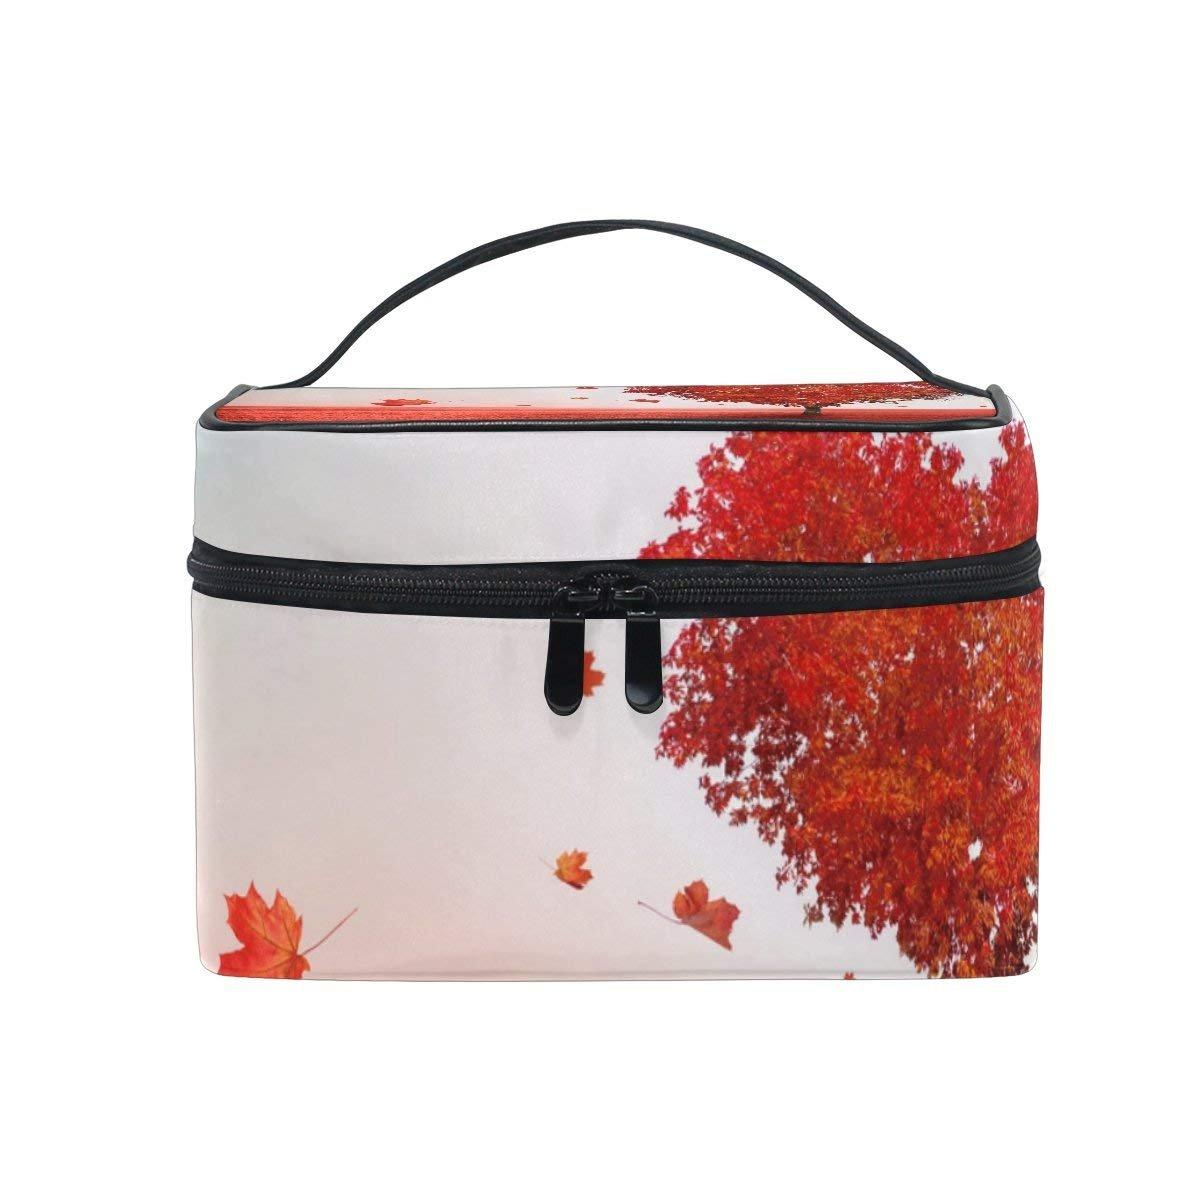 Makeup Bag Love Heart Tree Mens Travel Toiletry Bag Mens Cosmetic Bags for Women Fun Large Makeup Organizer